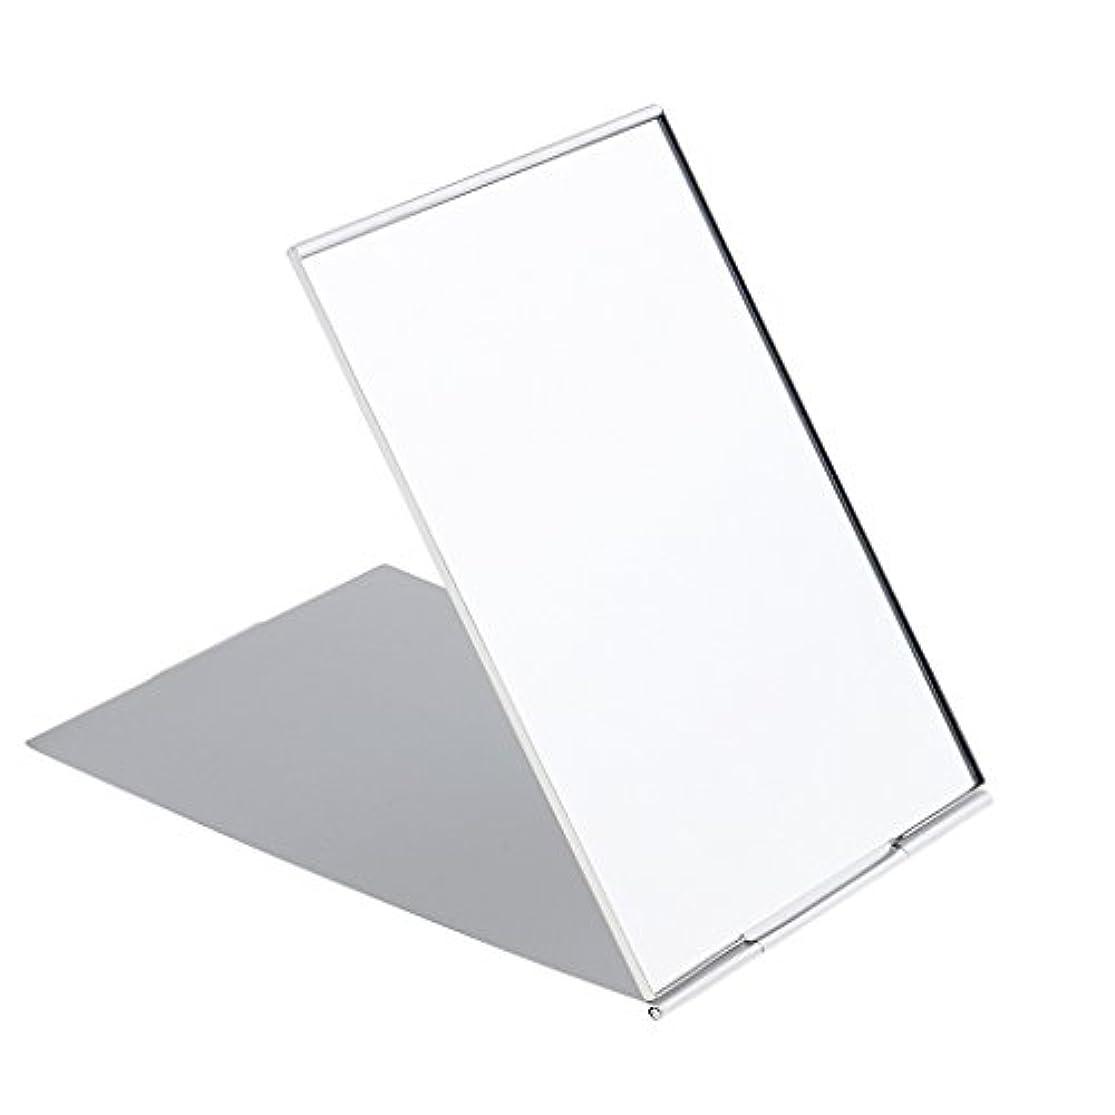 肘掛け椅子溶ける章ミニ旅行ポータブル折り畳み式ハンドバッグポケットコンパクト化粧鏡シルバー - #1